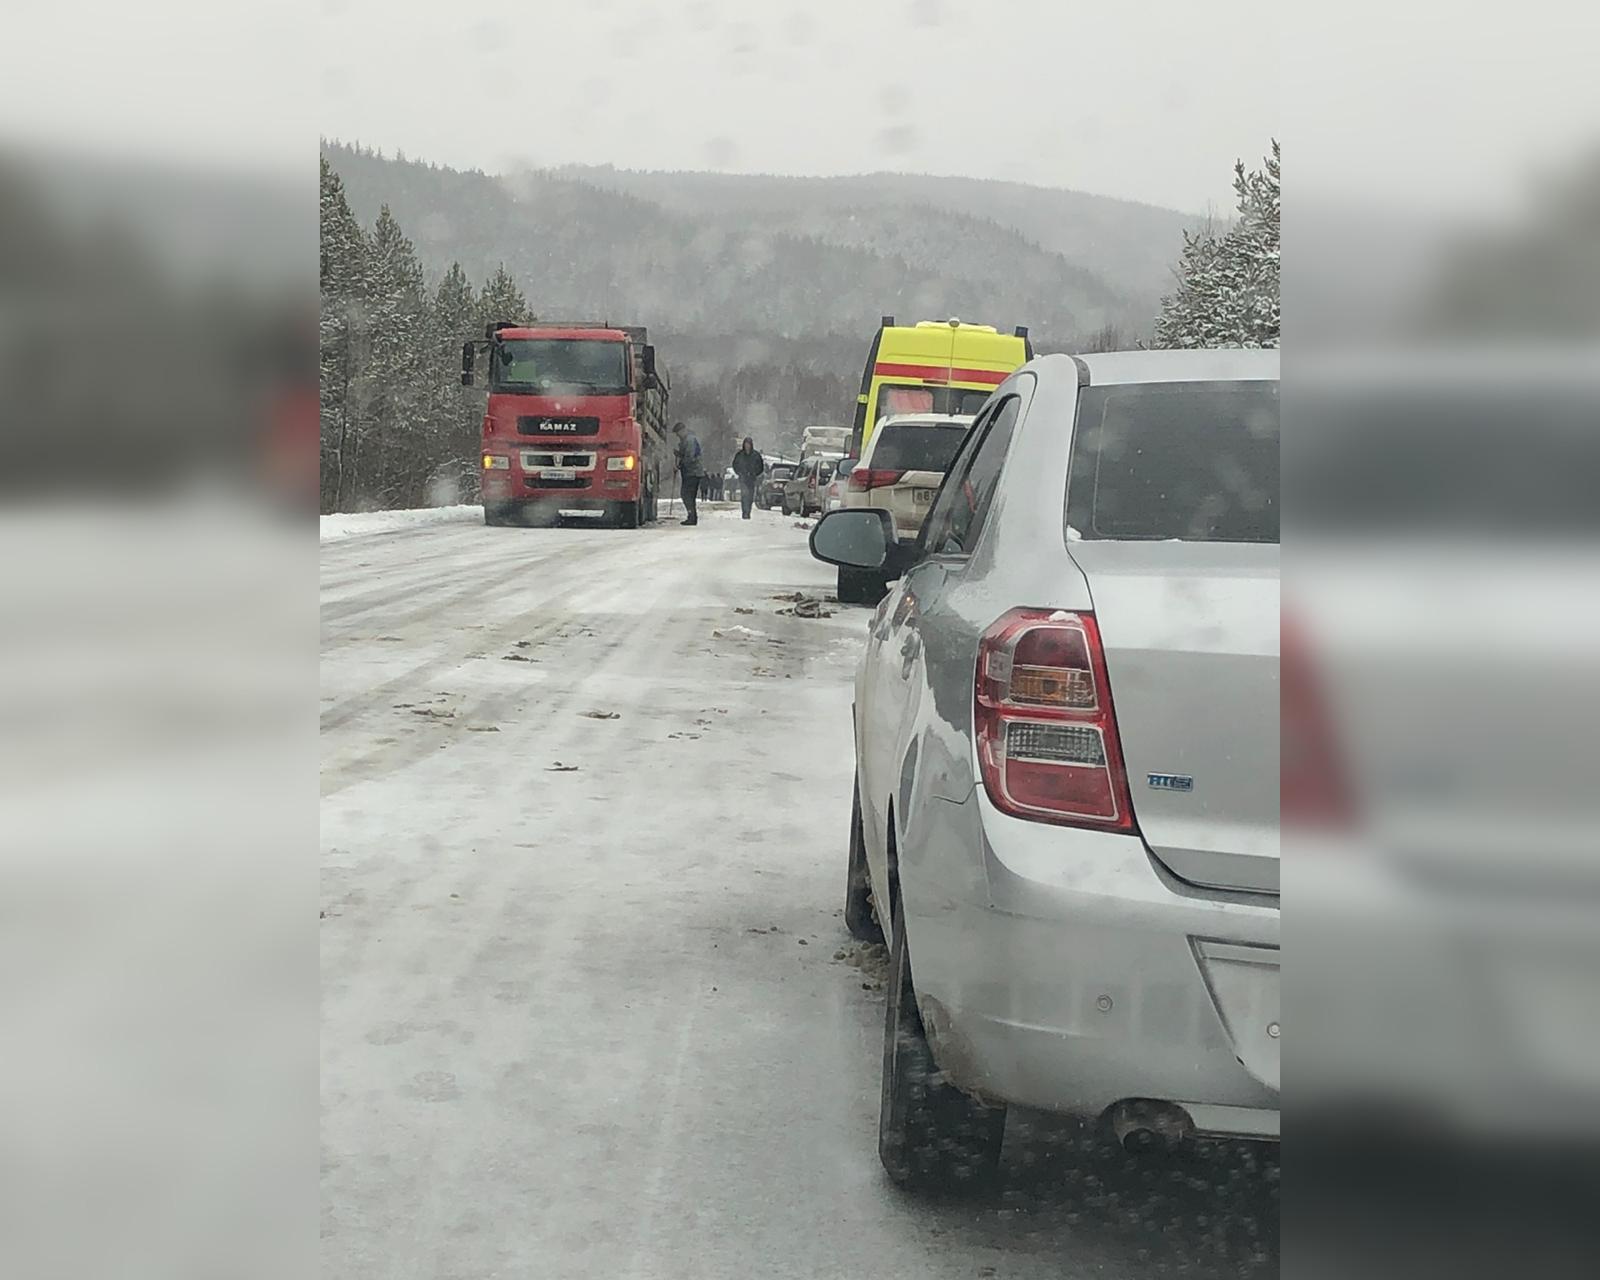 В Башкирии на трассе из-за аварии образовалась многочасовая пробка